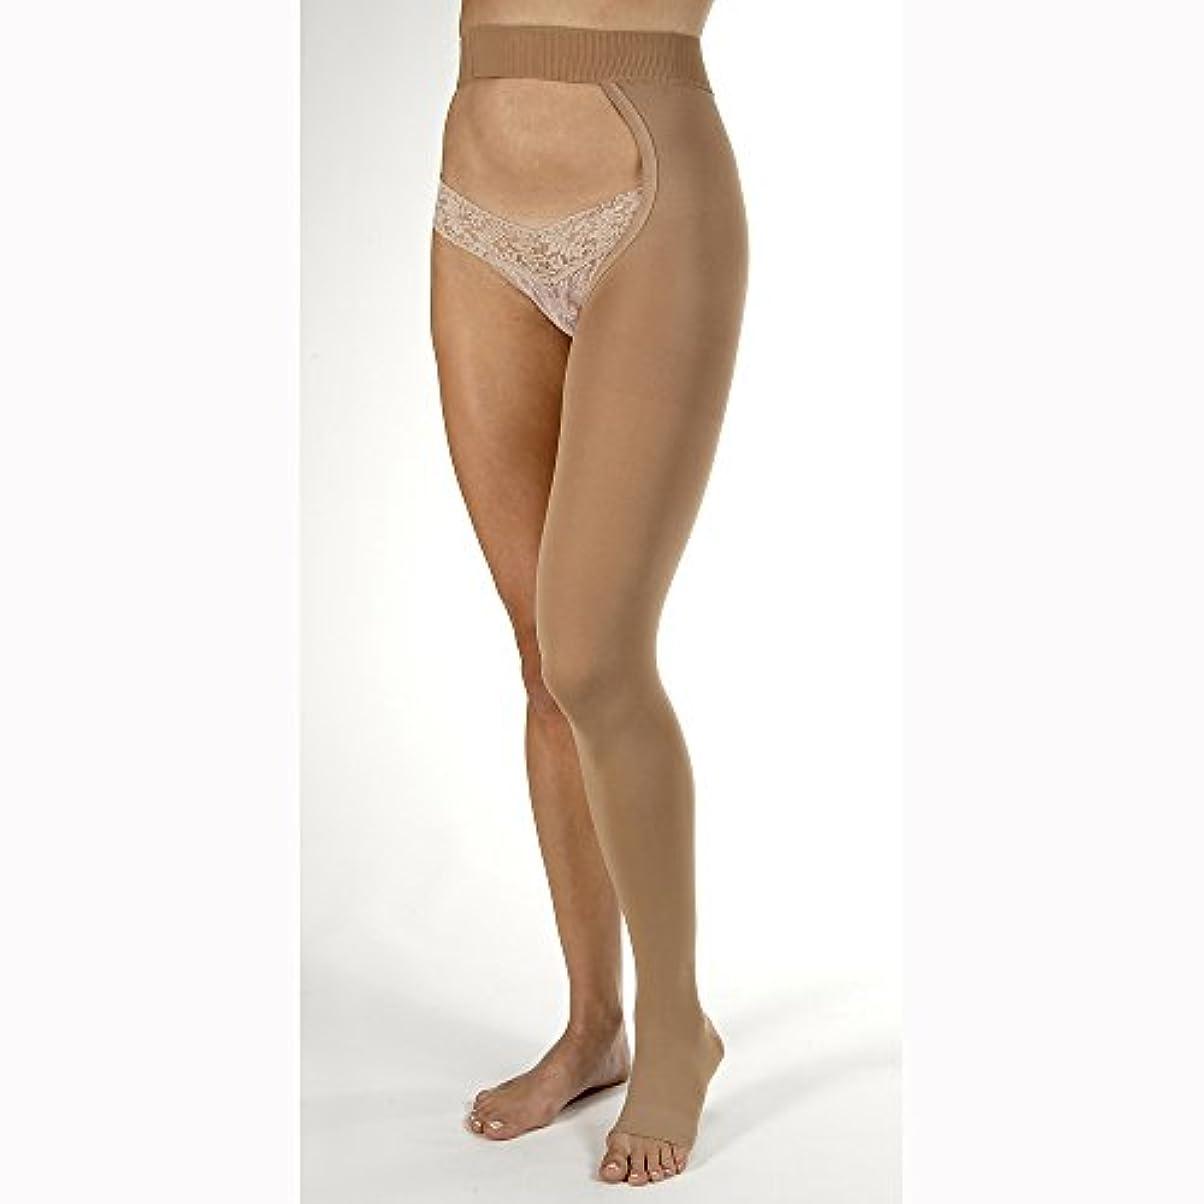 マーケティング旅欠席Jobst Relief Open Toe Chap Style Right Leg - 20-30 mmHg Beige Medium 114677 by Jobst